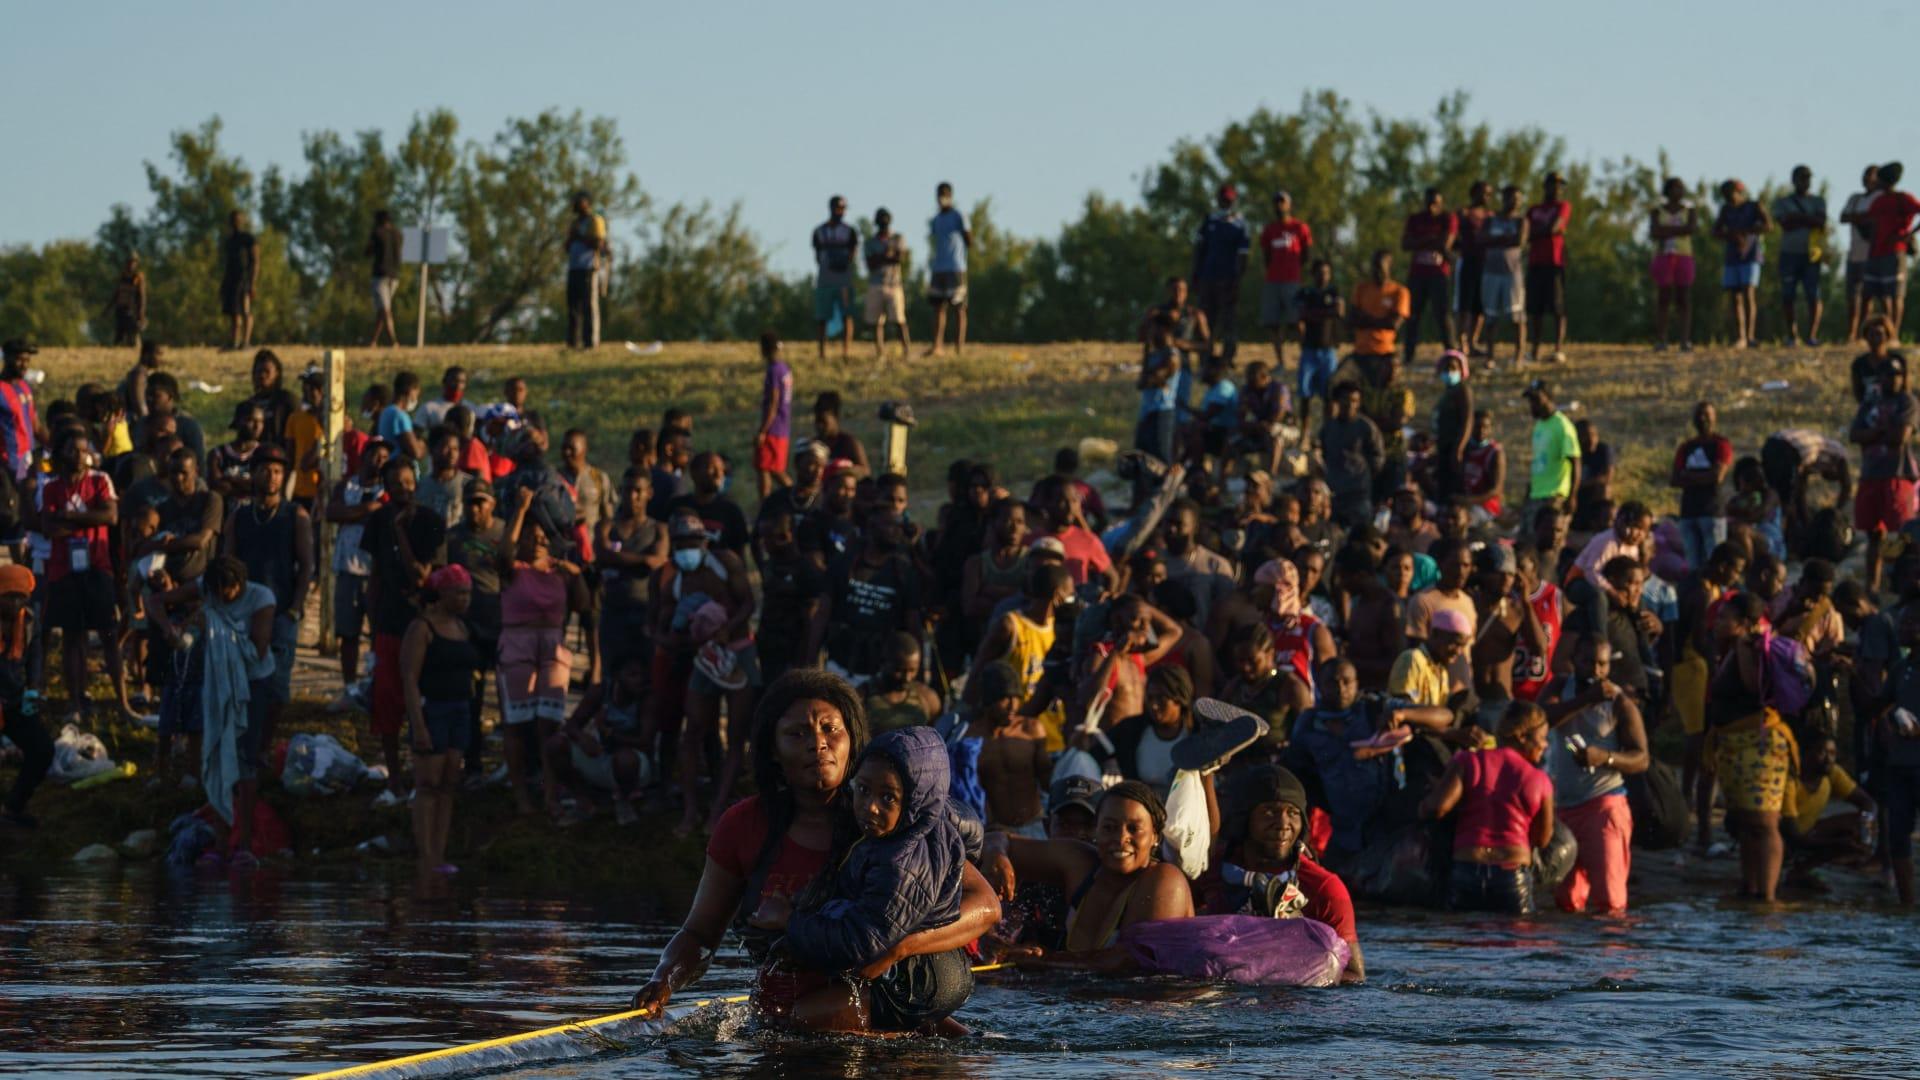 """استقالة المبعوث الأمريكي اعتراضًا على ترحيل """"غير الإنساني"""" للآلاف من لاجئي هايتي"""